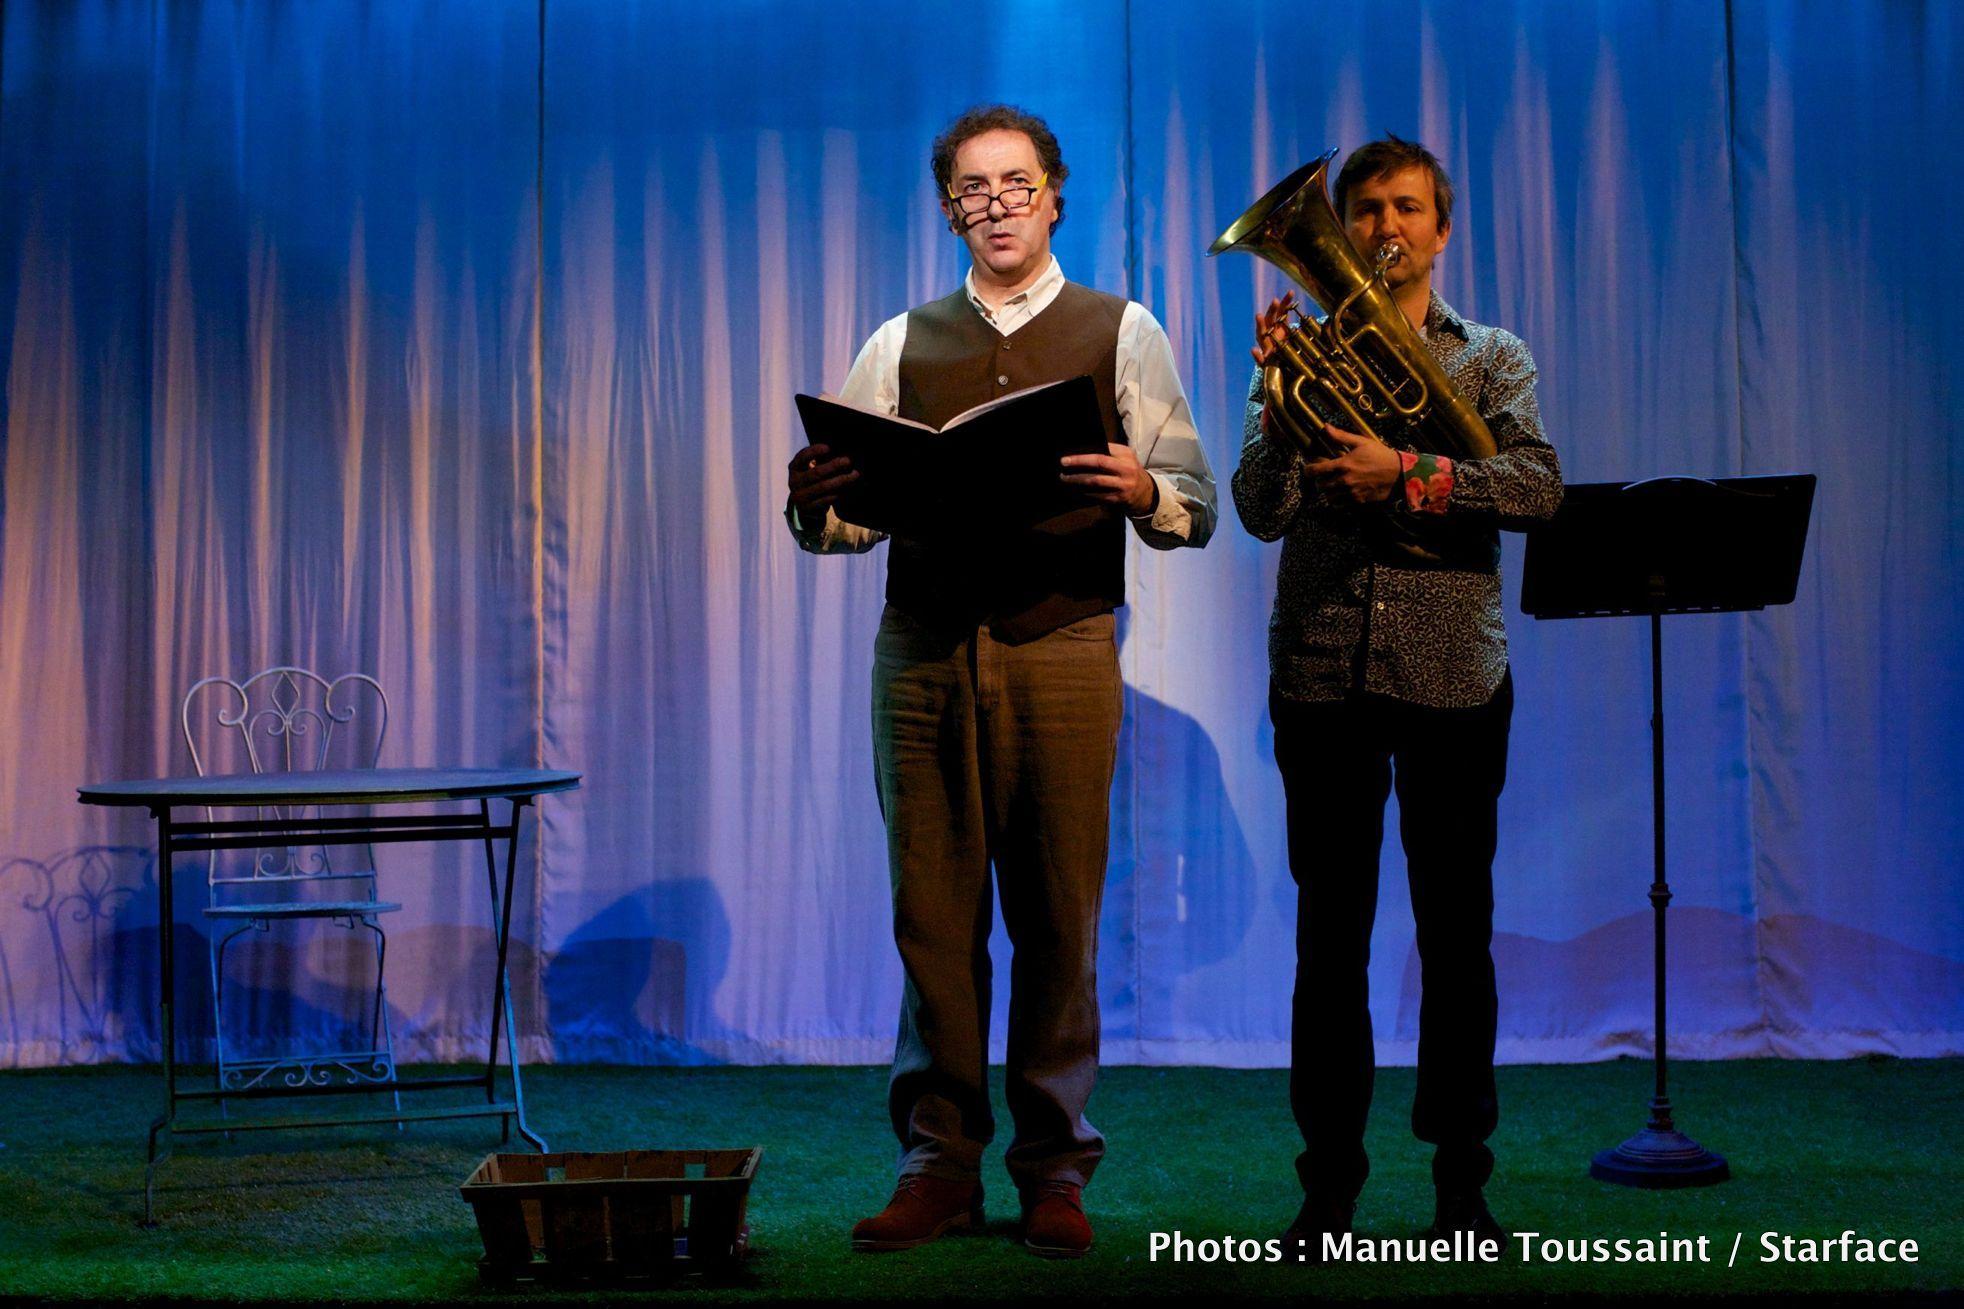 HYANCINTHE ET ROSE pièce de et avec François Morel - Antoine Sahler Théâtre de l Atelier Paris PHOTO Manuelle Toussaint Starface